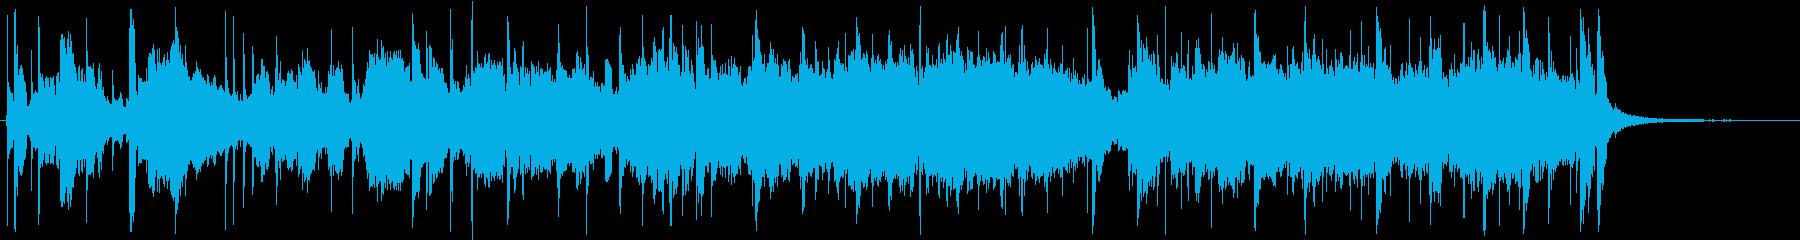 フリージャズ的な混沌としたBGMの再生済みの波形